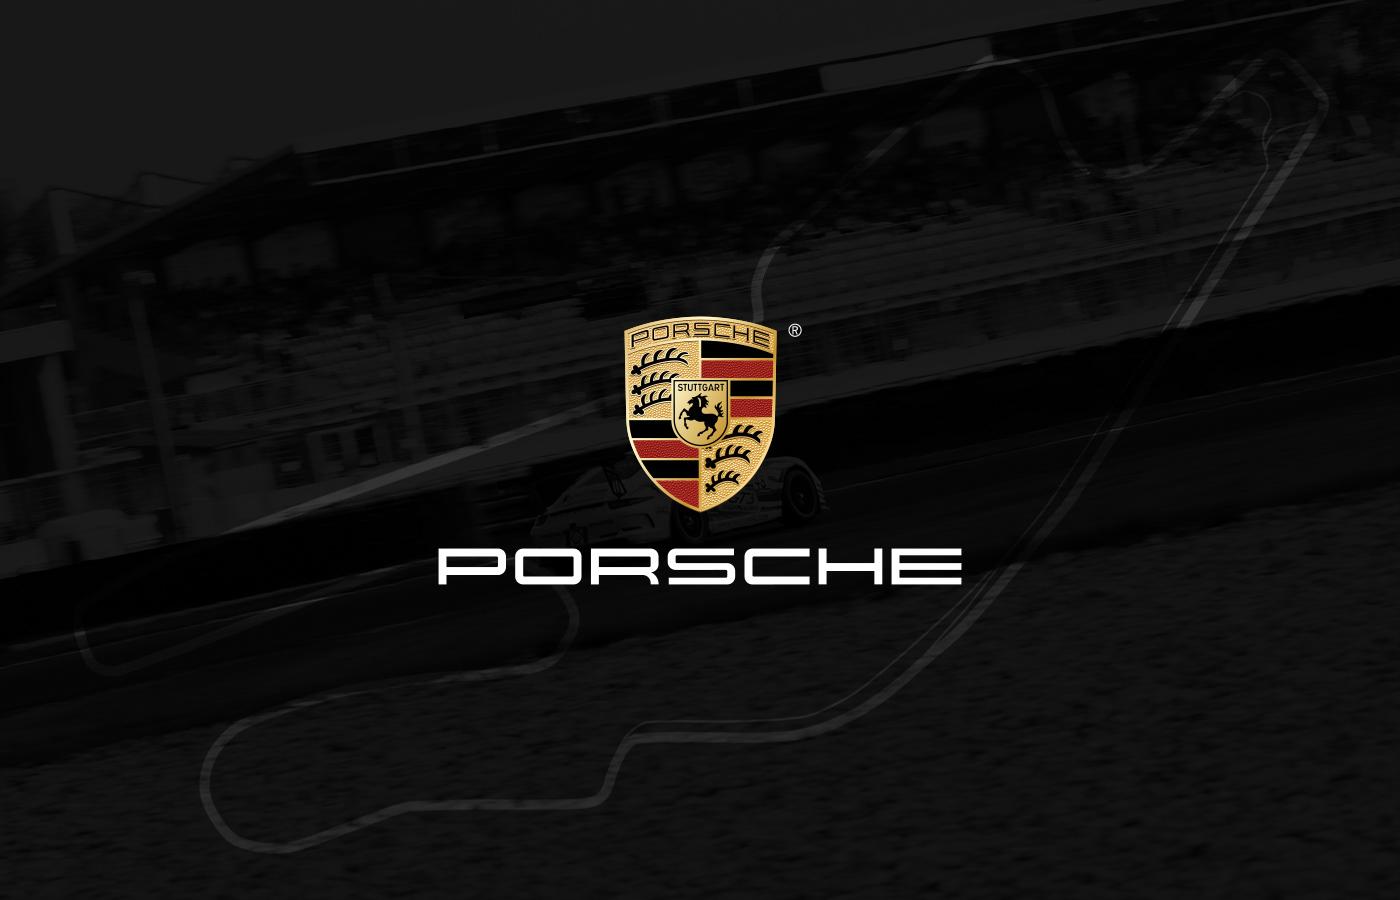 developpement Babaweb Porsche Webdesign Interface UX / UI Conception Inscription le mans classic site web